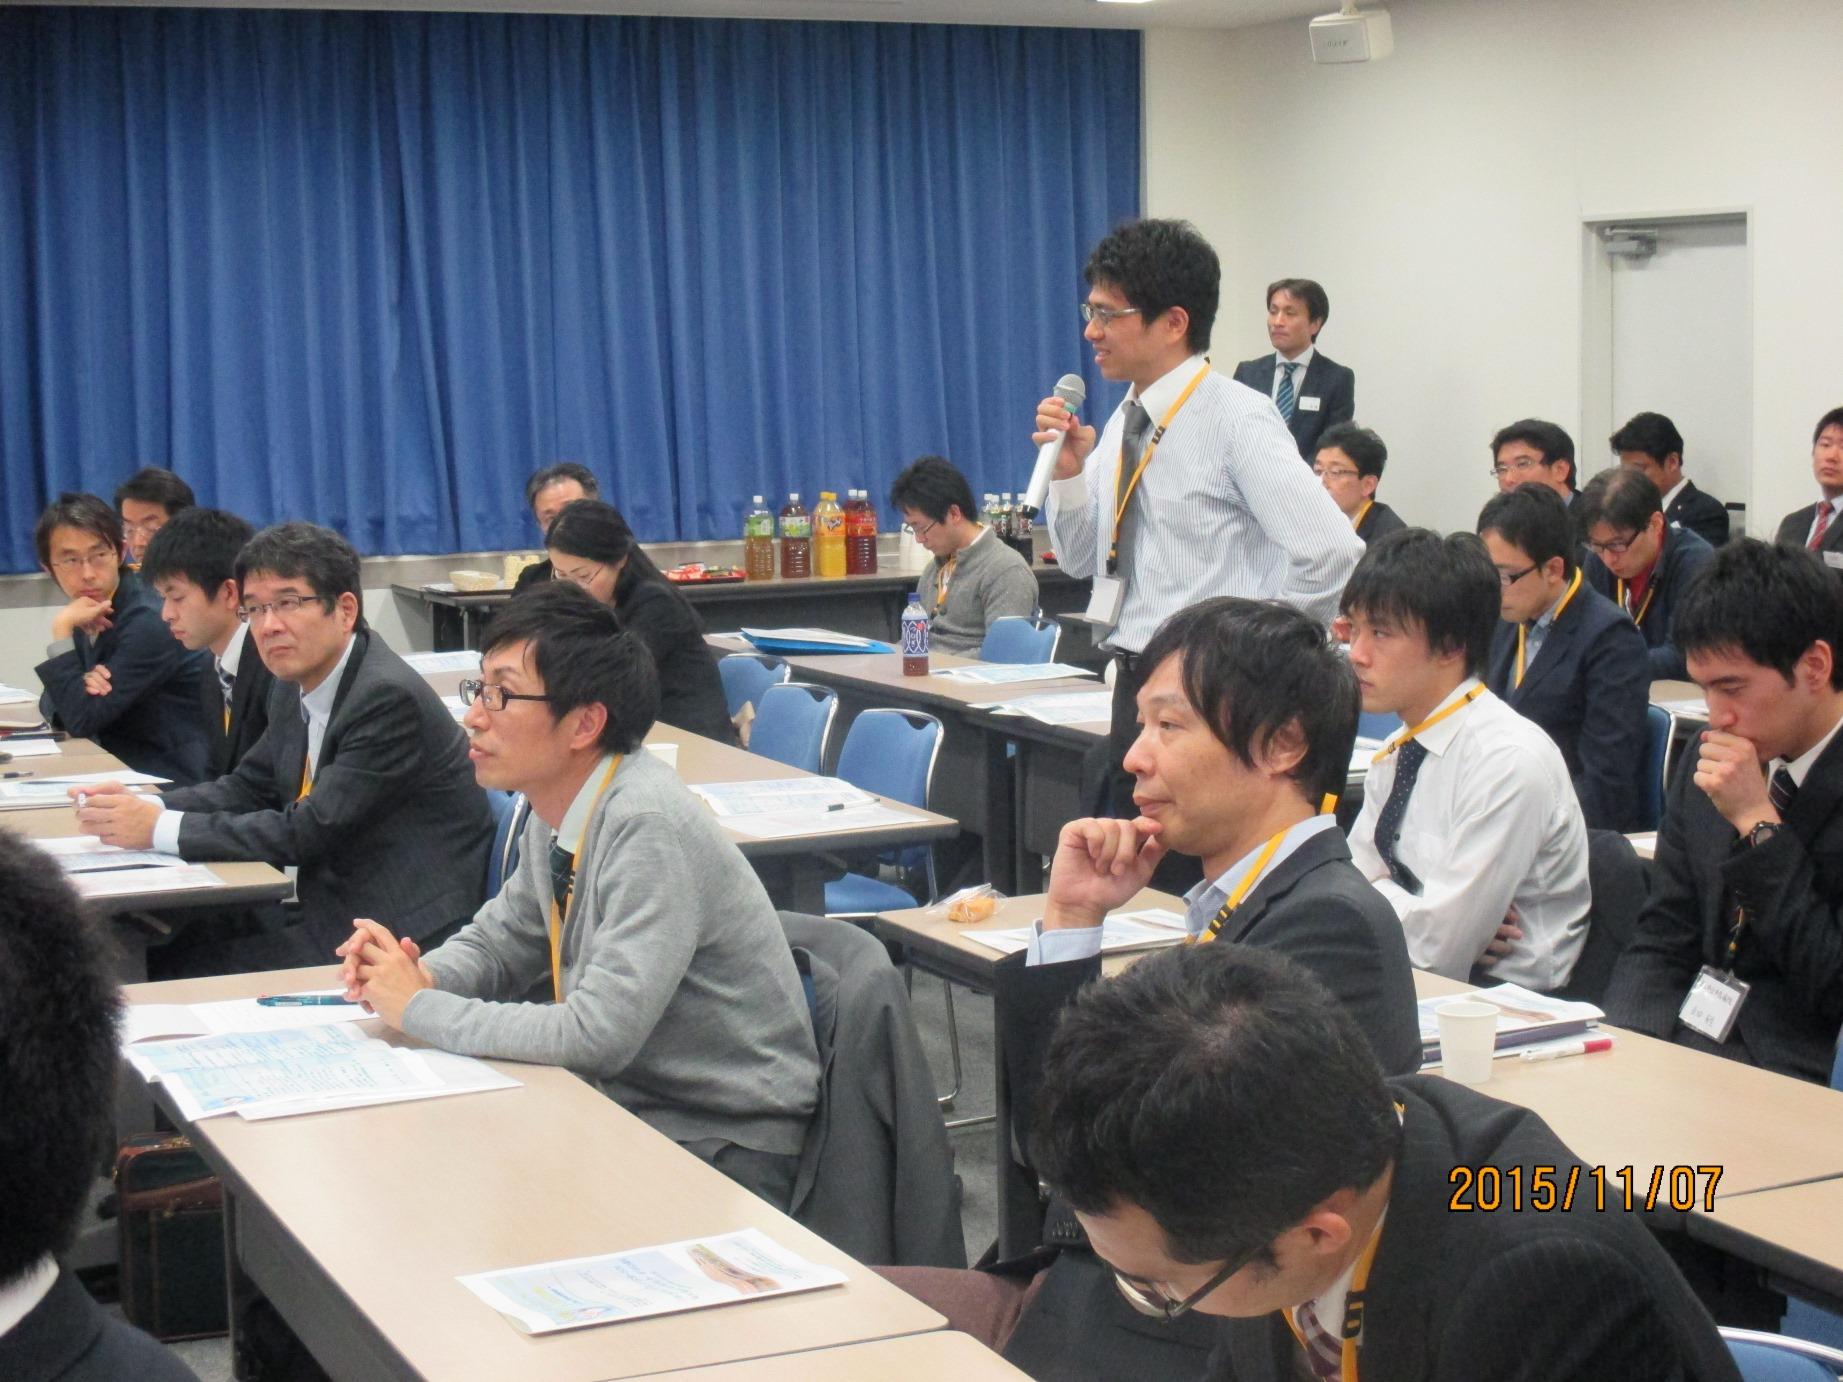 内科レジデントカンファレンス2015 in OKAYAMA (質疑応答2)